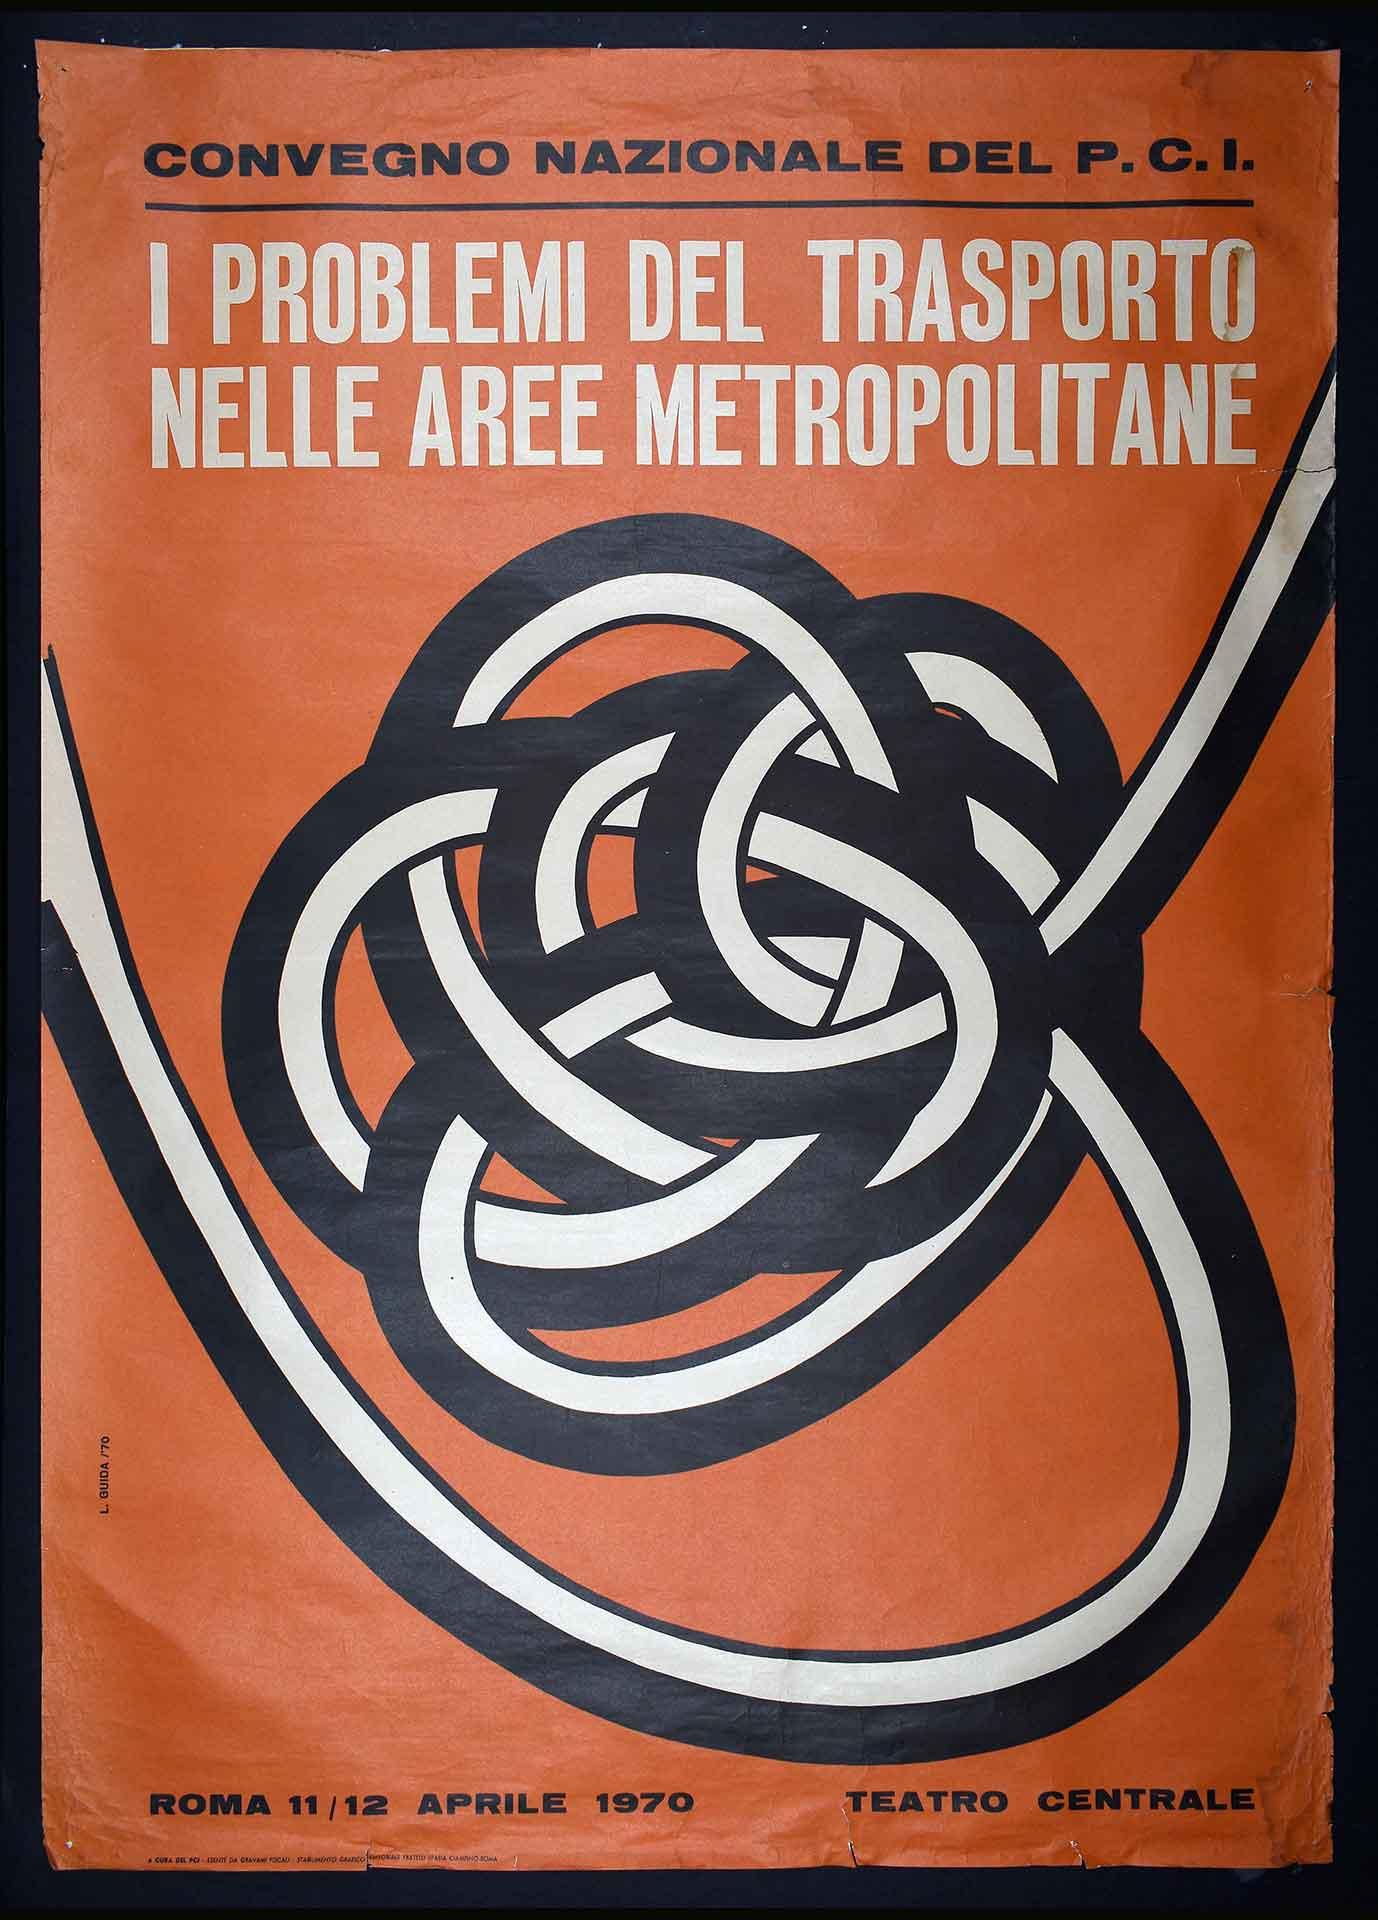 Il Partito comunista italiano (PCI) per un convegno sui trasporti. Stampa Fratelli Spada stabilimento grafico editoriale, Ciampino (Roma). Comunicazione di partito.